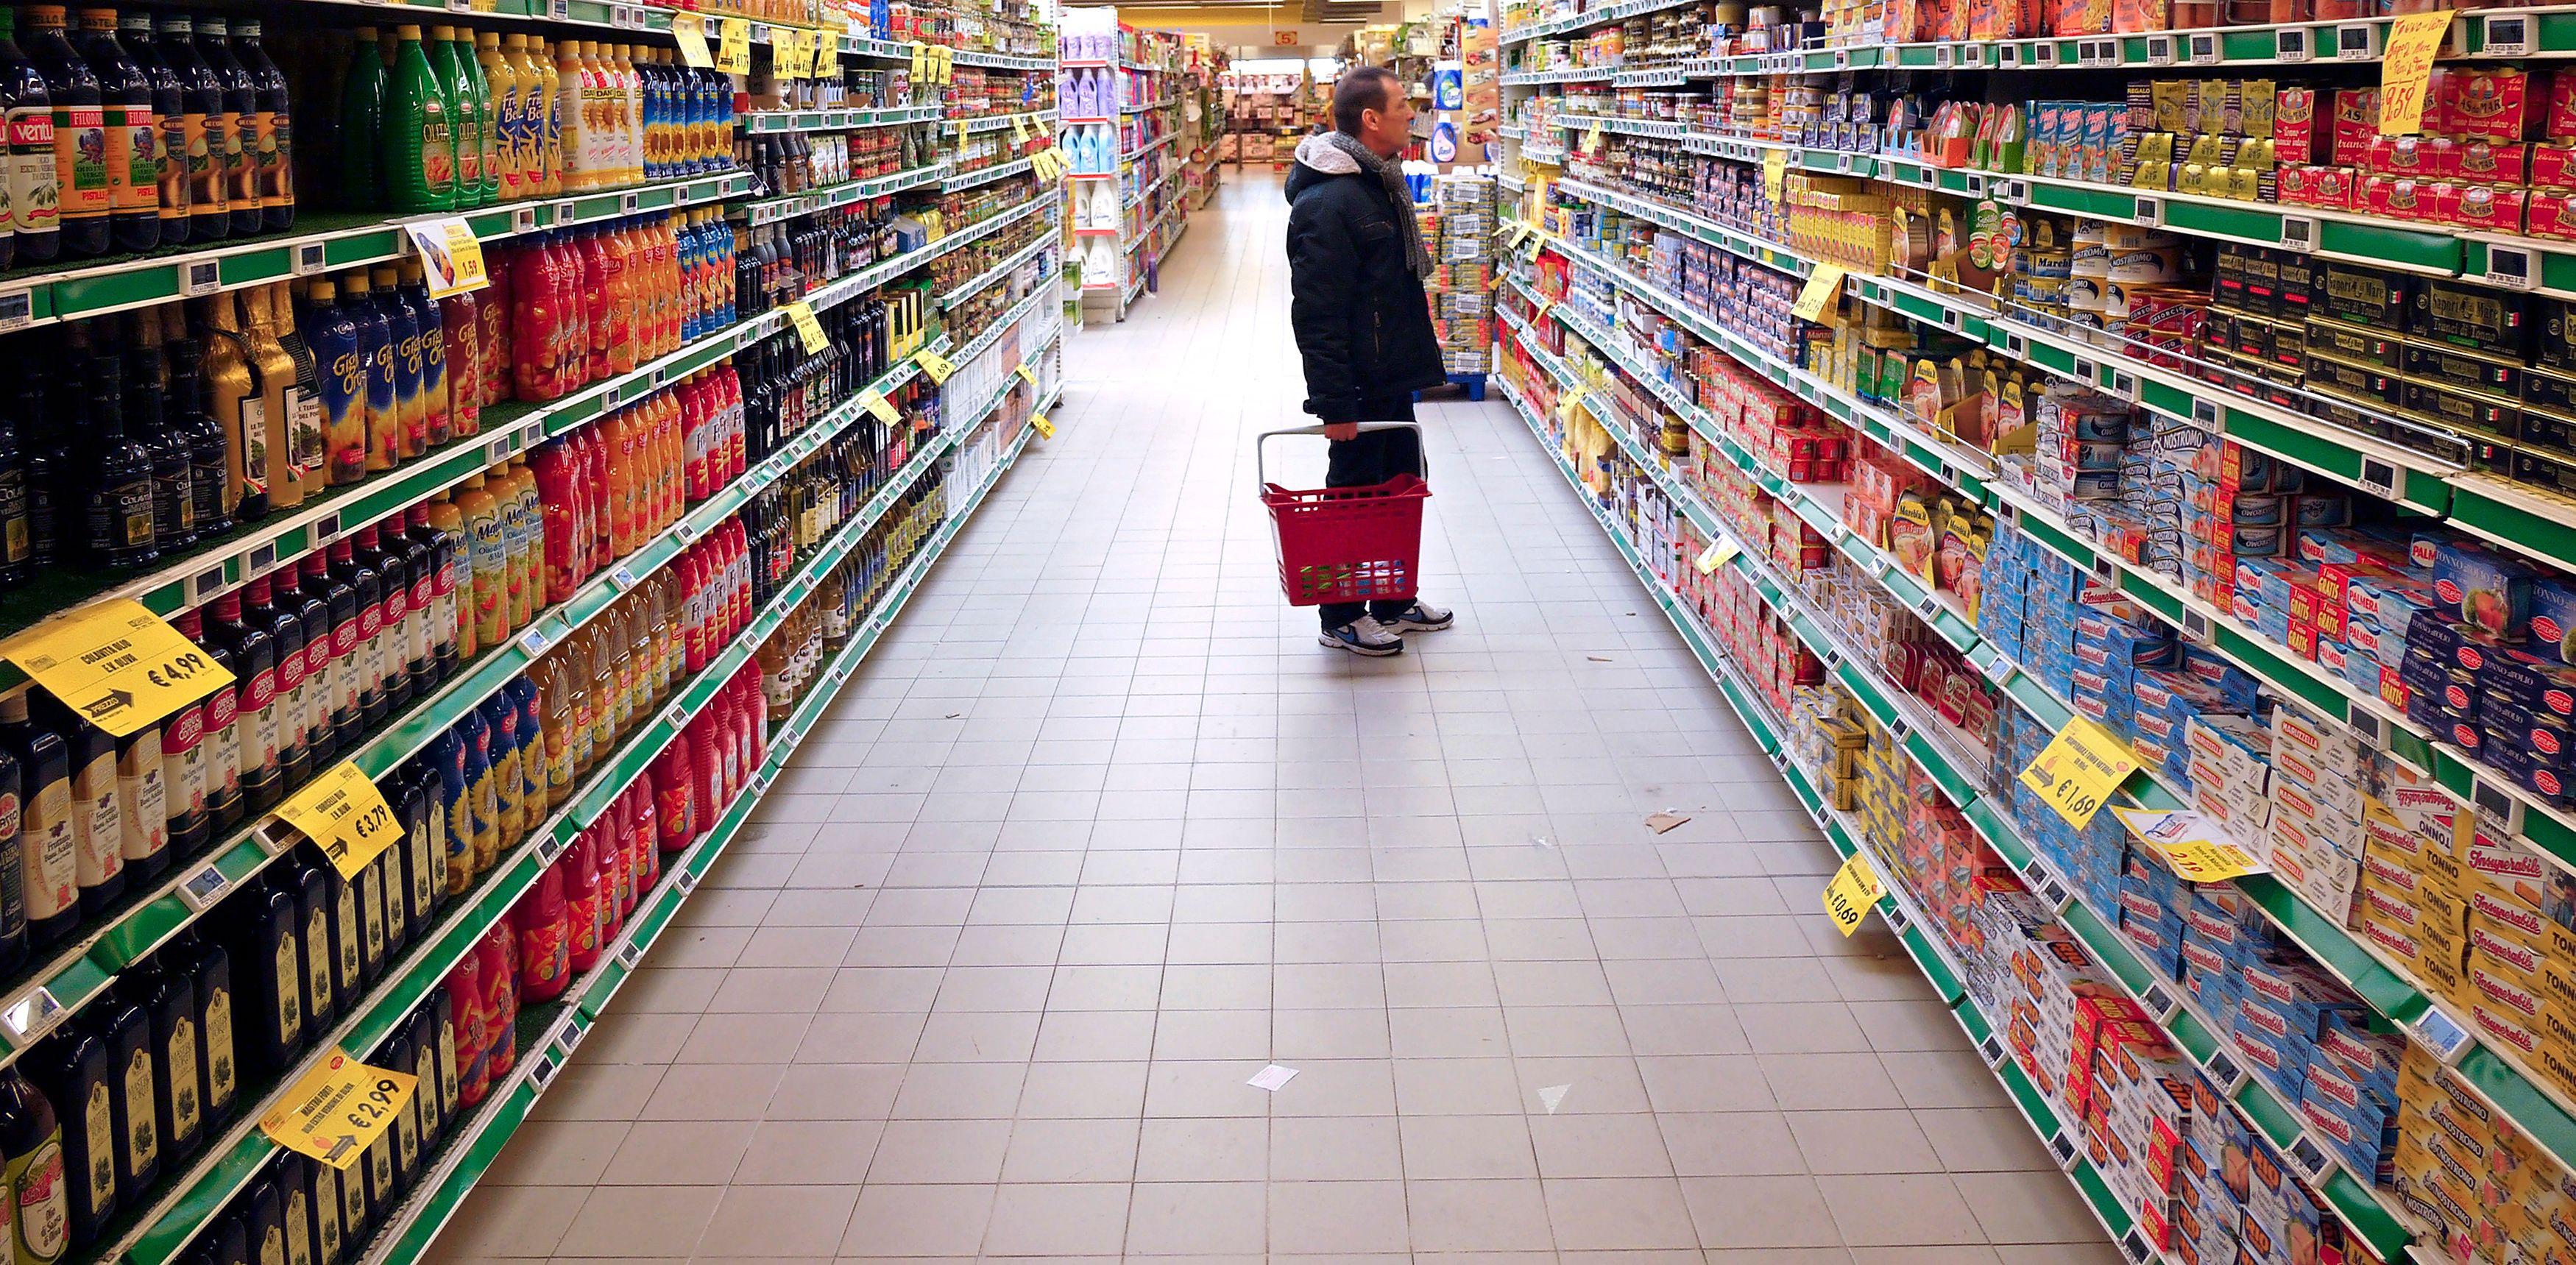 Selon les chiffres de l'association de consommateurs Famille Rurale, le prix du panier moyen a augmenté de 3,4% en 2012.